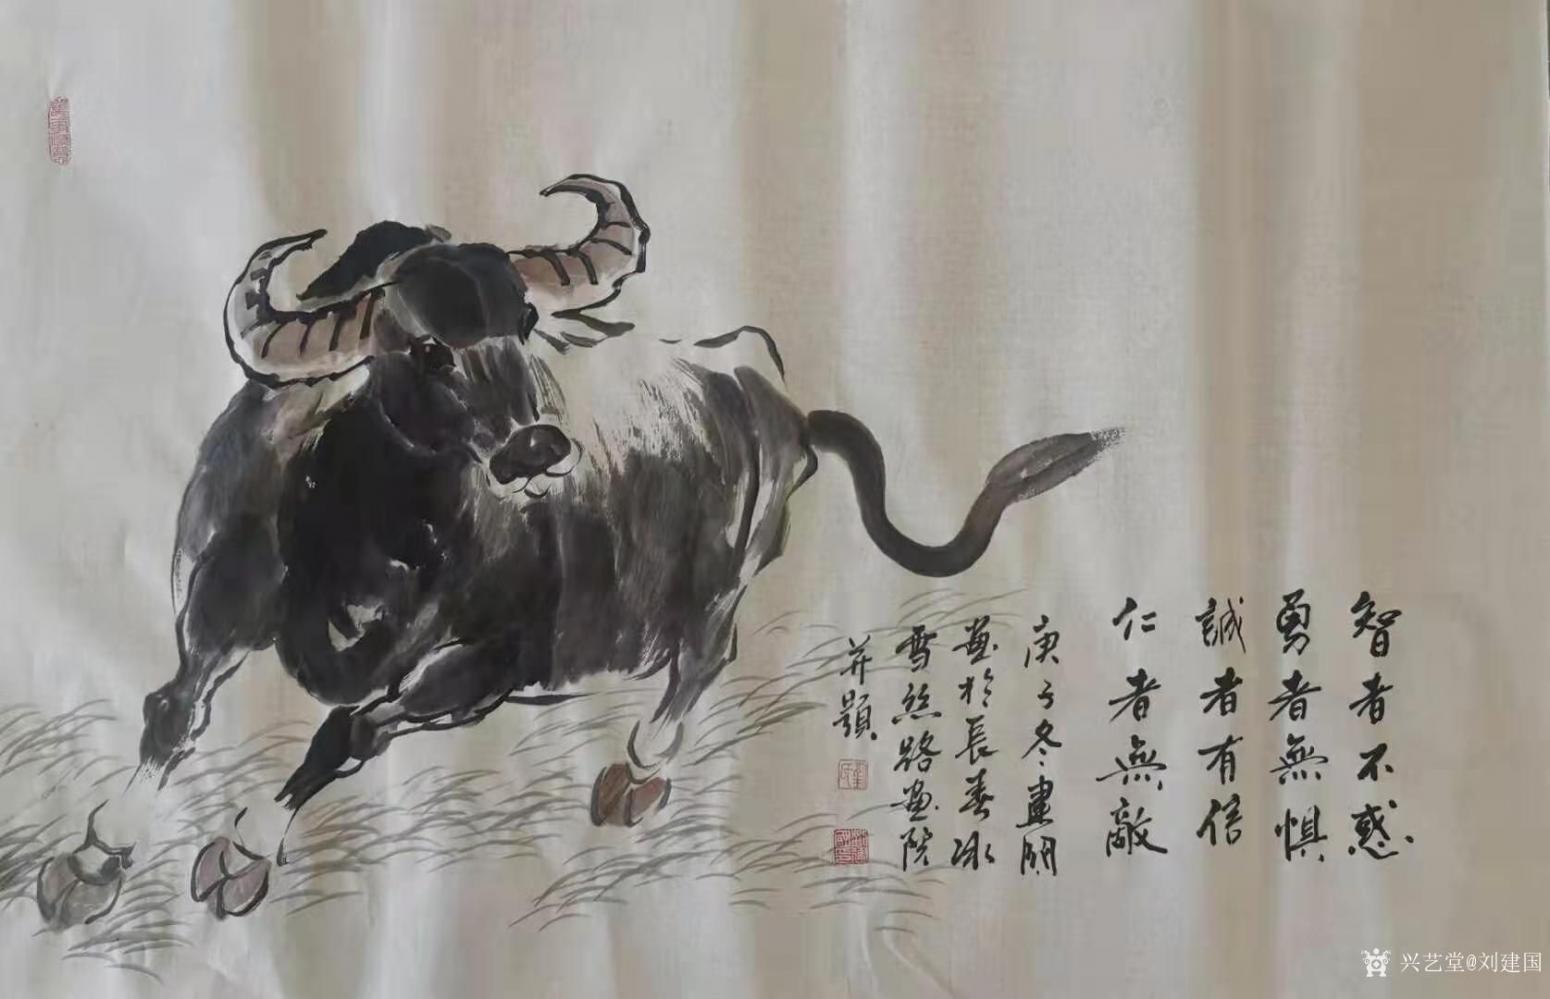 刘建国国画作品《牛-仁者无敌》